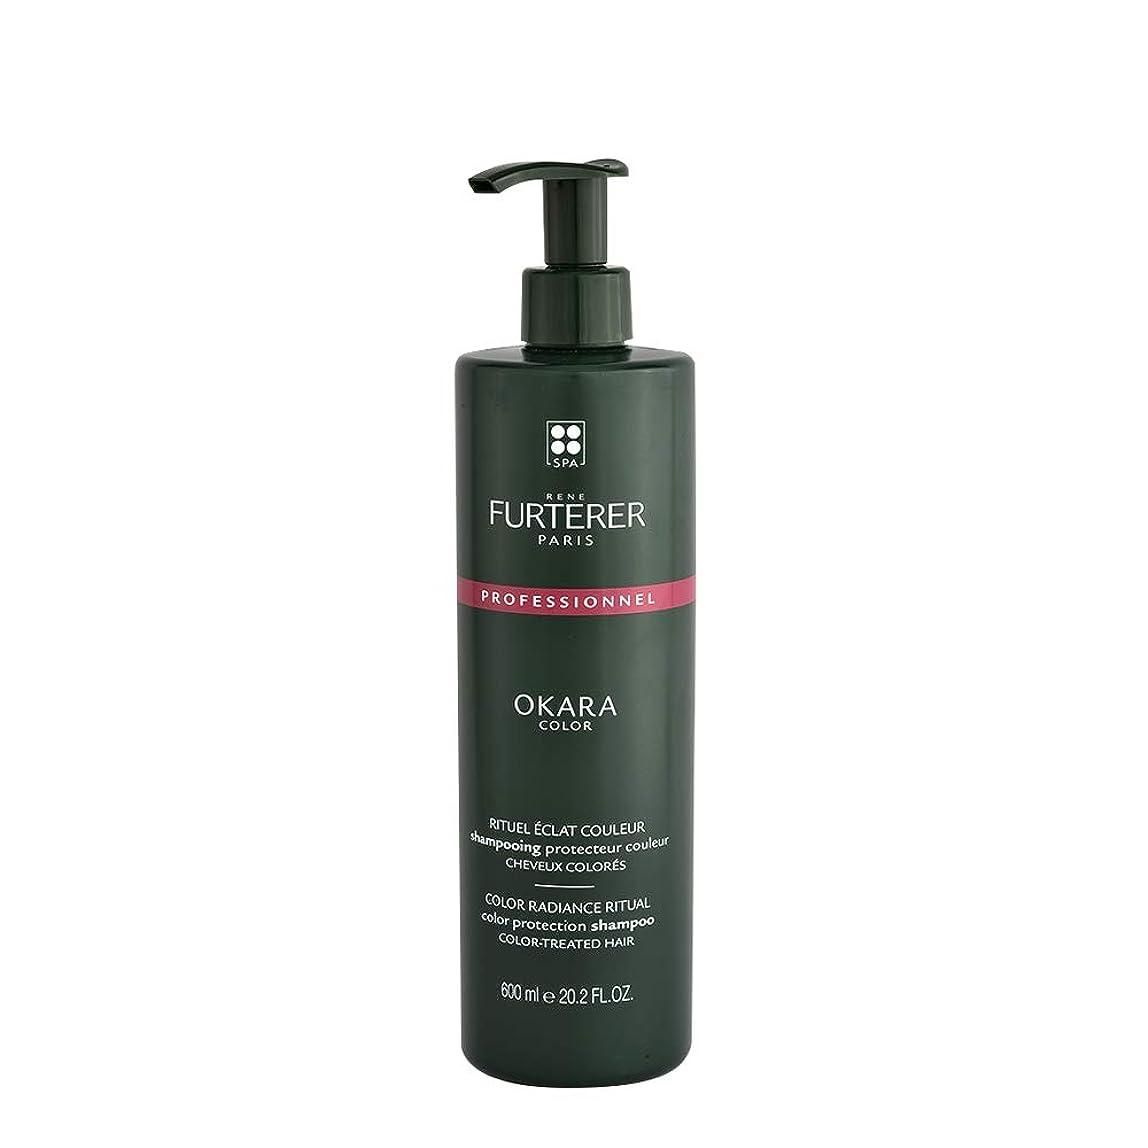 ヒゲオンス勃起ルネ フルトレール Okara Color Color Radiance Ritual Color Protection Shampoo - Color-Treated Hair (Salon Product) 600ml/20.2oz並行輸入品